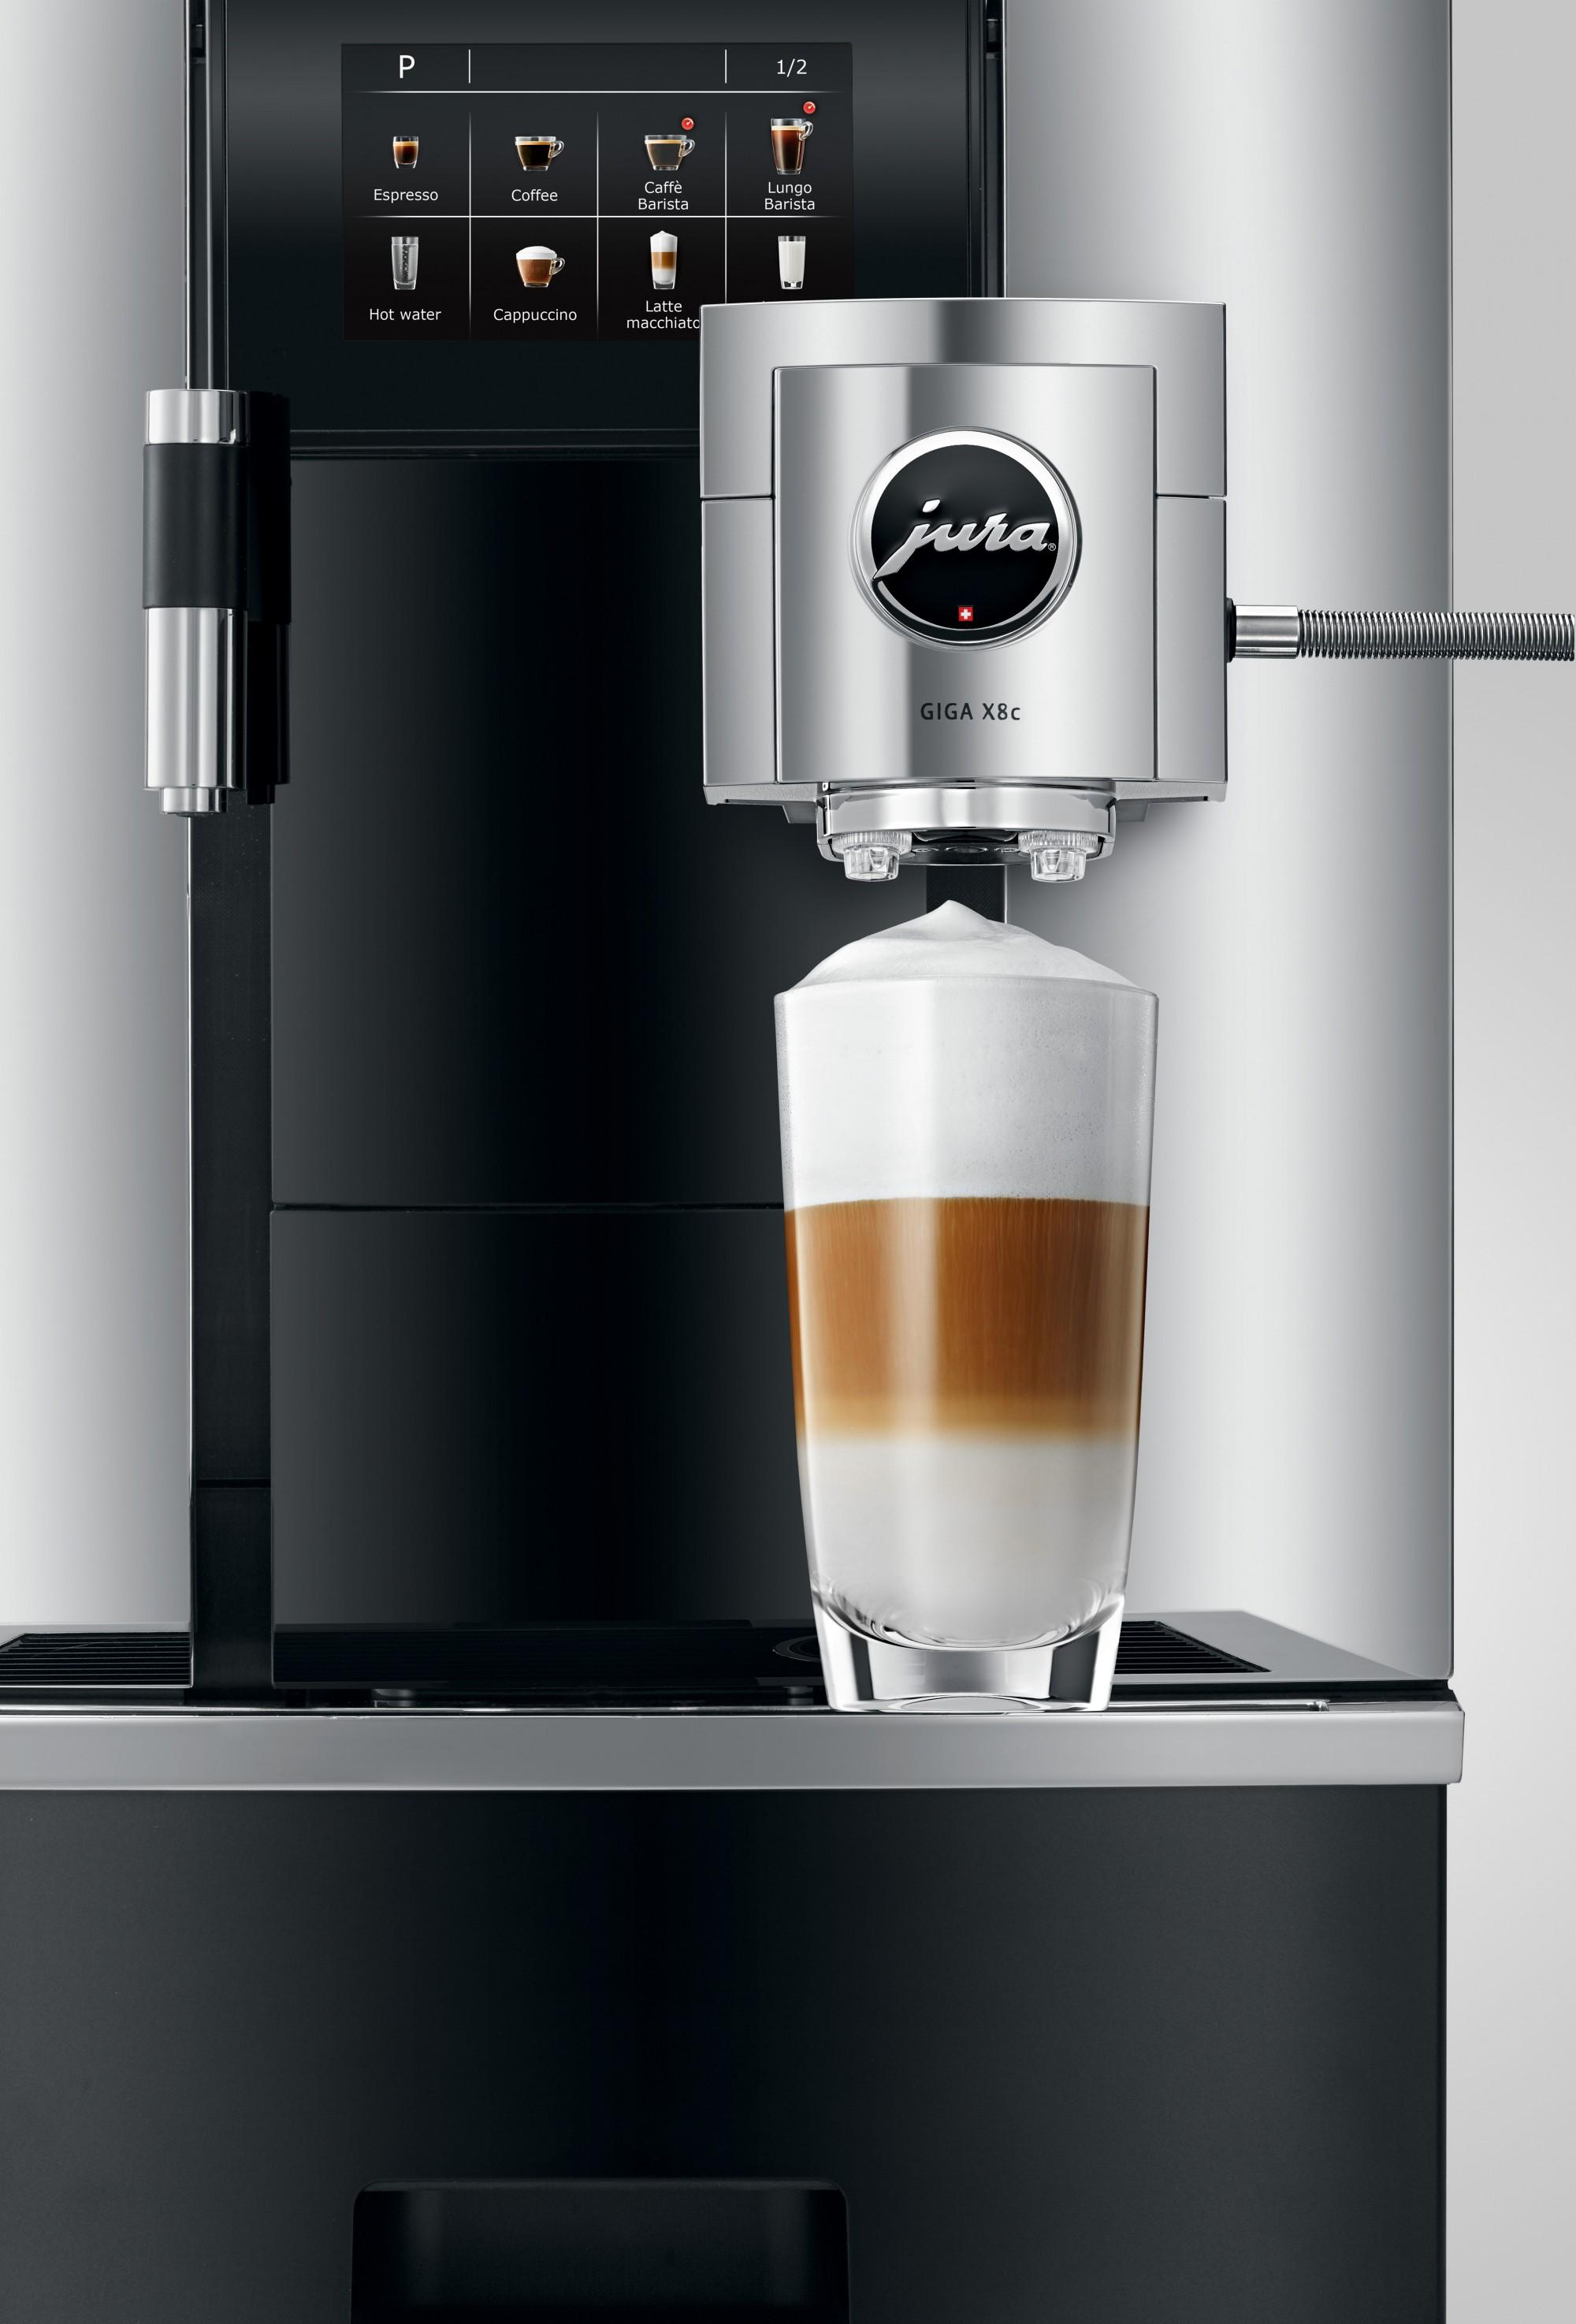 Met een druk op de knop maak je latte macchiato